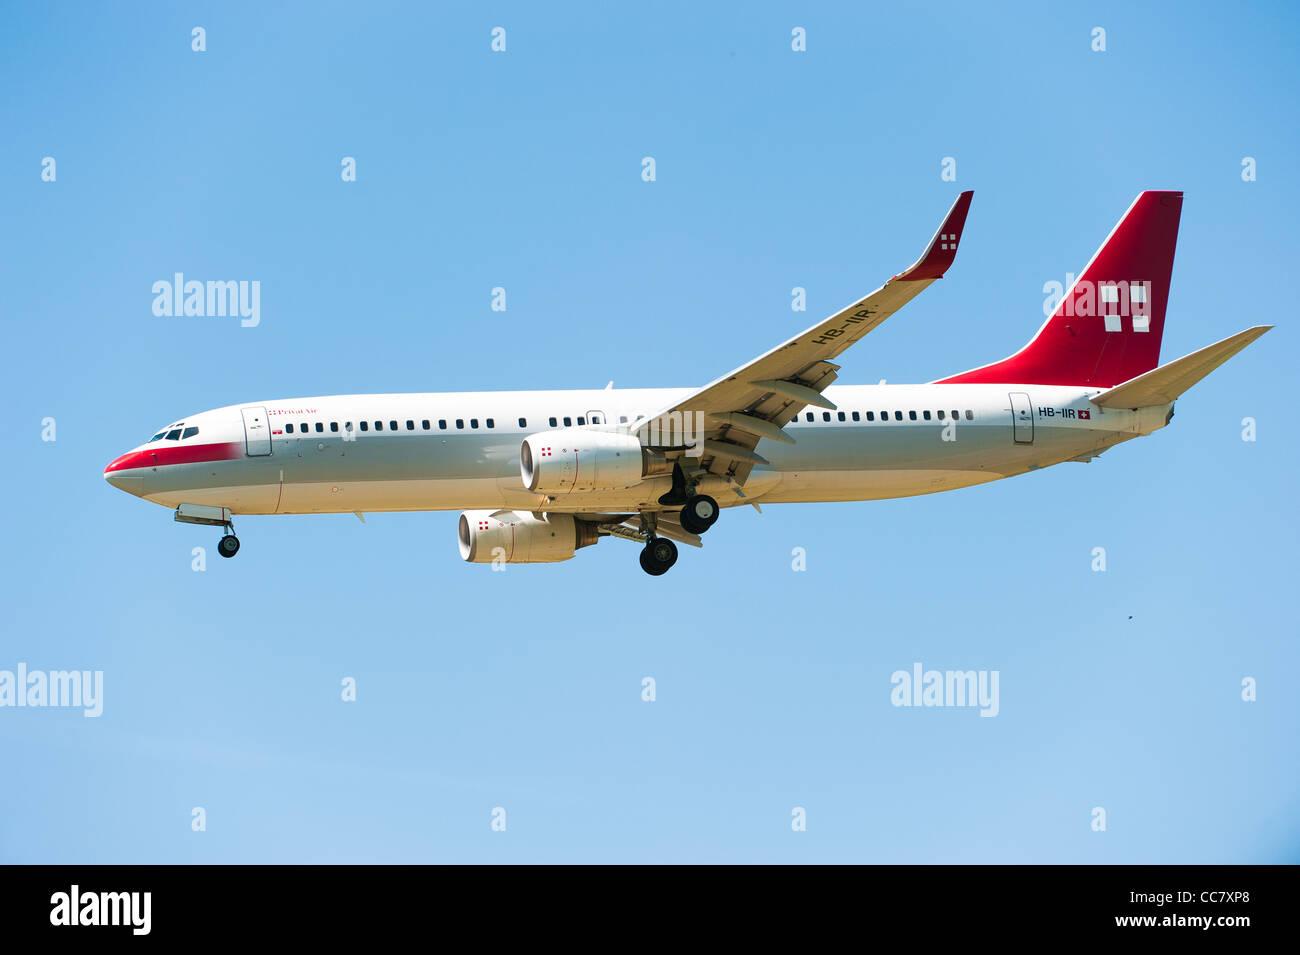 ZURICH, Svizzera - 24 Mai: Privato aria (HB-IIR) aereo atterra a Zuerich aeroporto (Svizzera) Maggio 24, 2010 a Immagini Stock